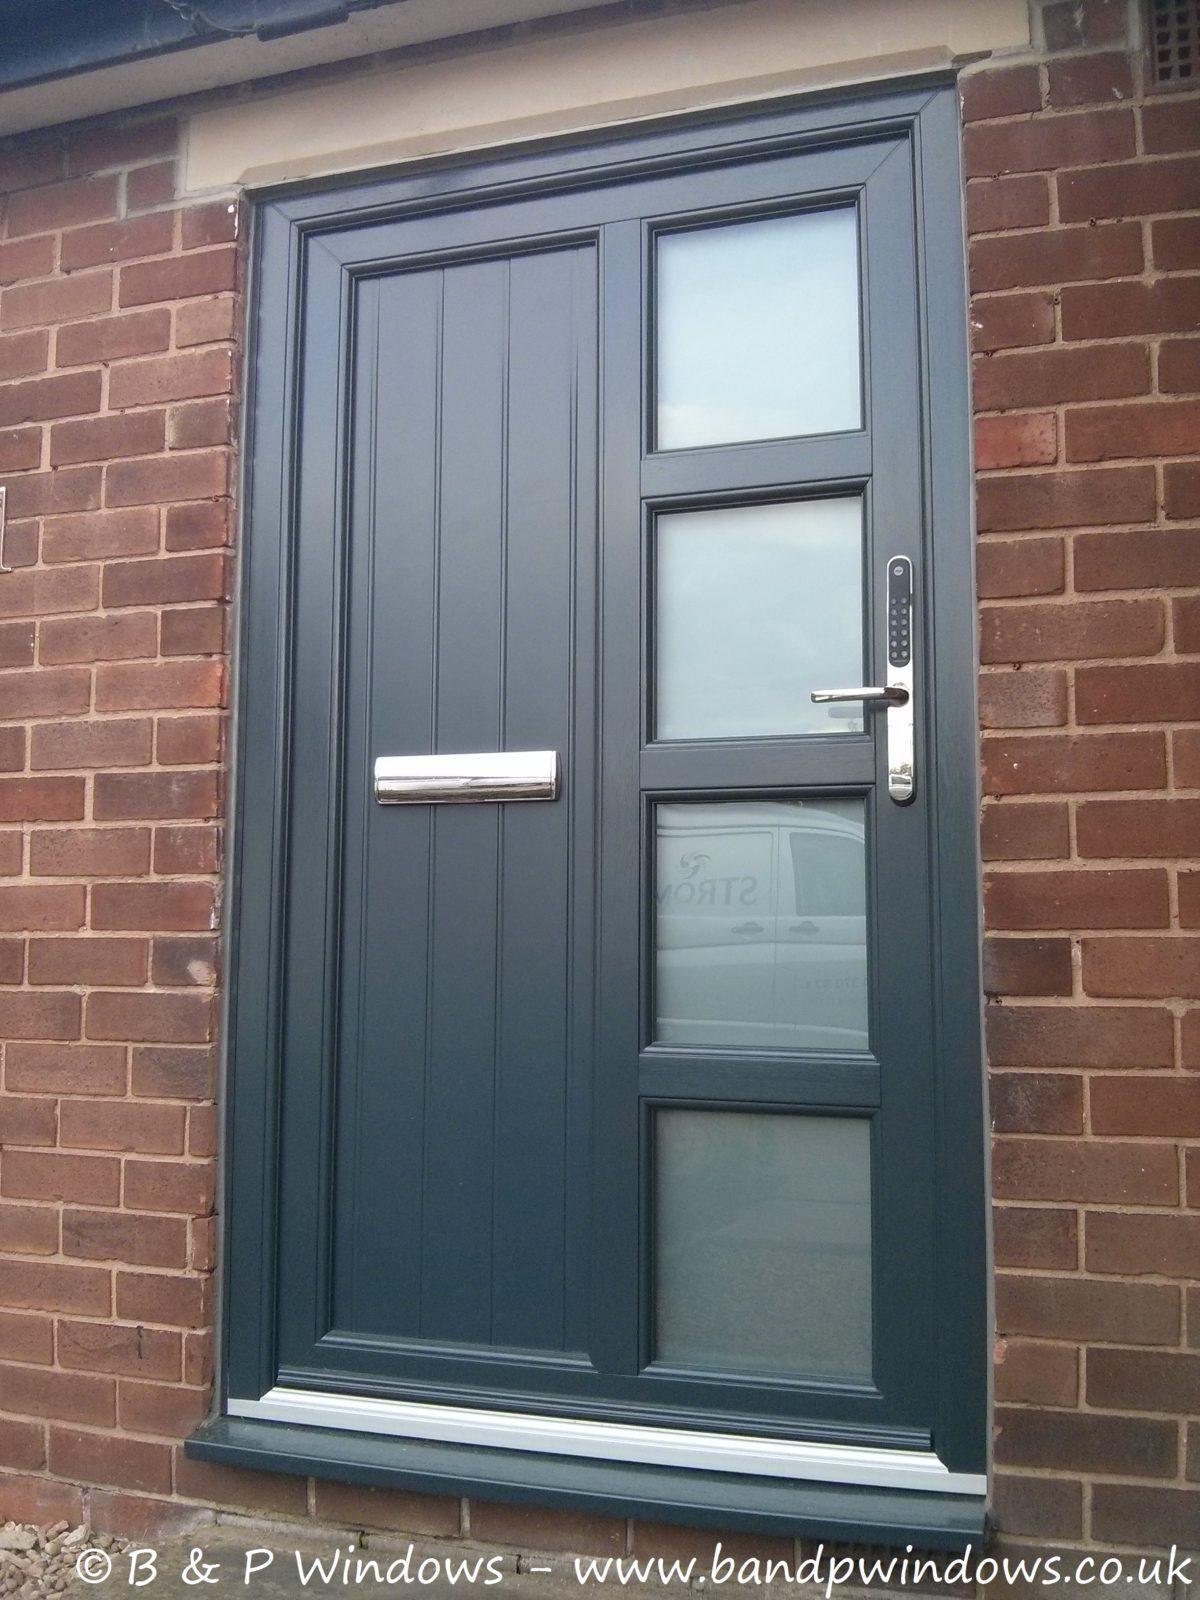 Gallery B P Windows: extra wide front doors